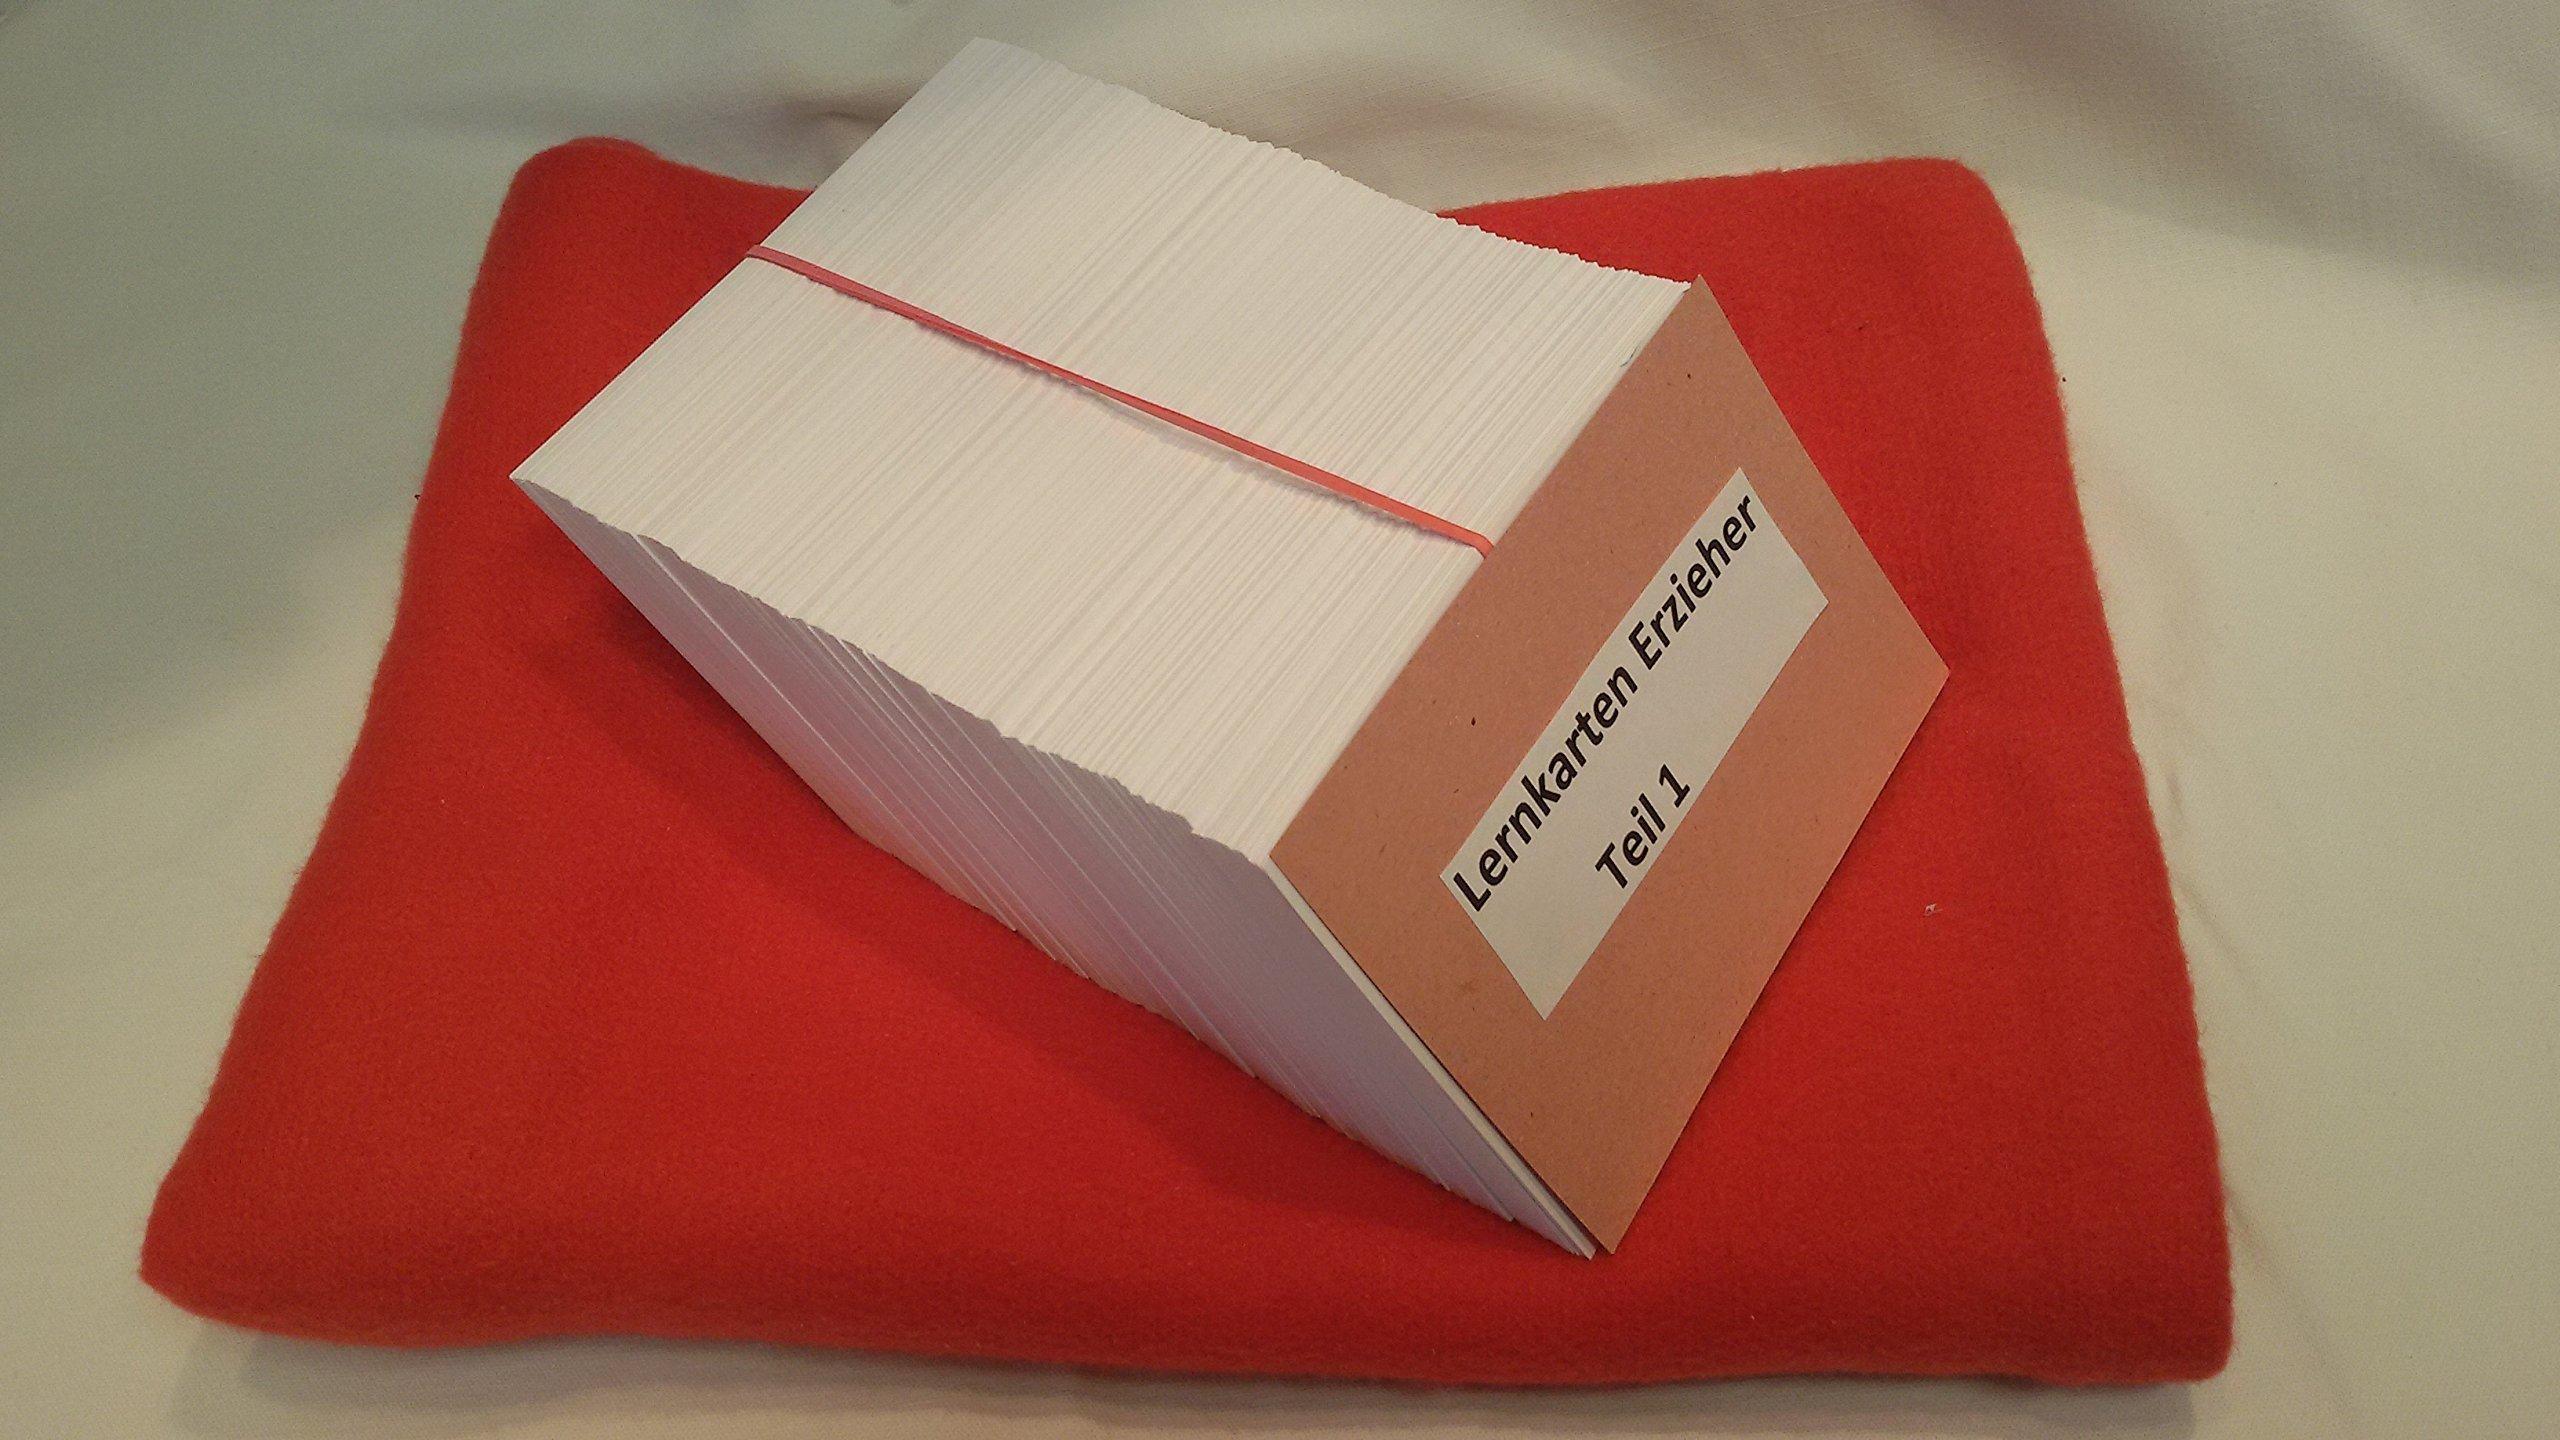 ein grosser Satz mit 500 Lernkarten für die Erzieher-Ausbildung oder Prüfungsvorbereitung zum staatlich anerkannten Erzieher Nichtschülerprüfung Externenprüfung Schulbegleiter Einzelfallhelfer Betreuer....